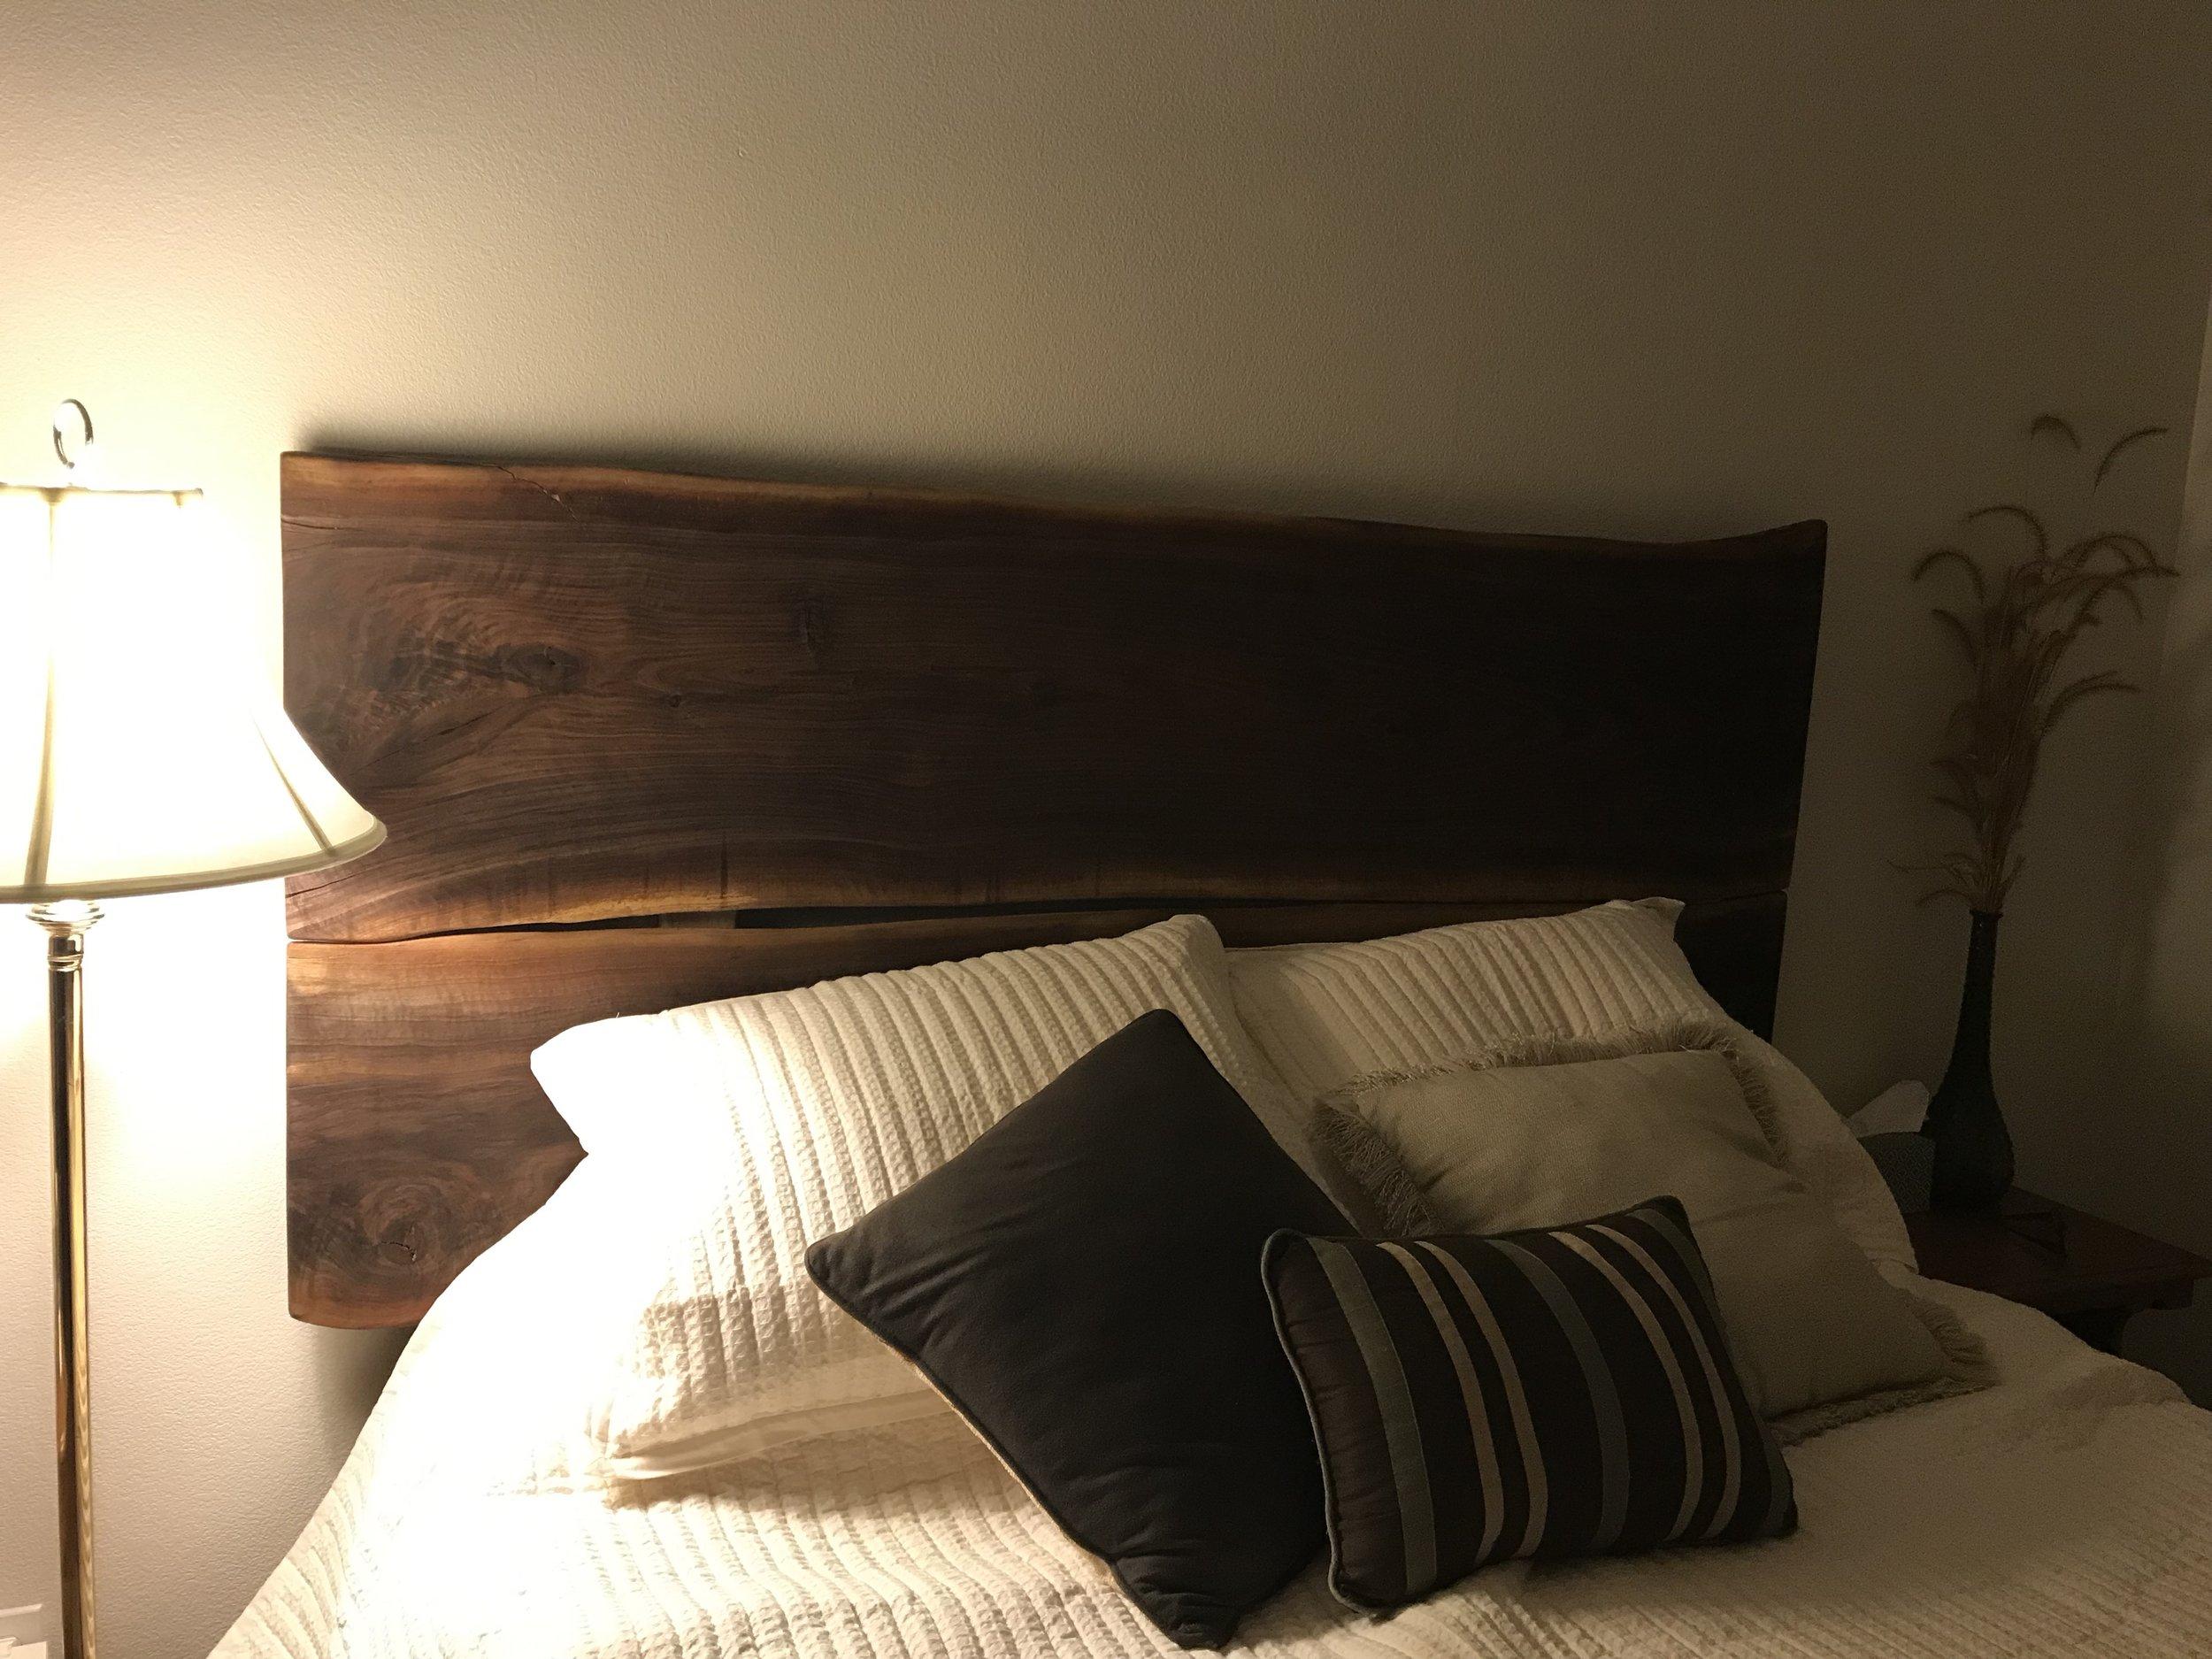 black walnut headboard, oil-rubbed finish